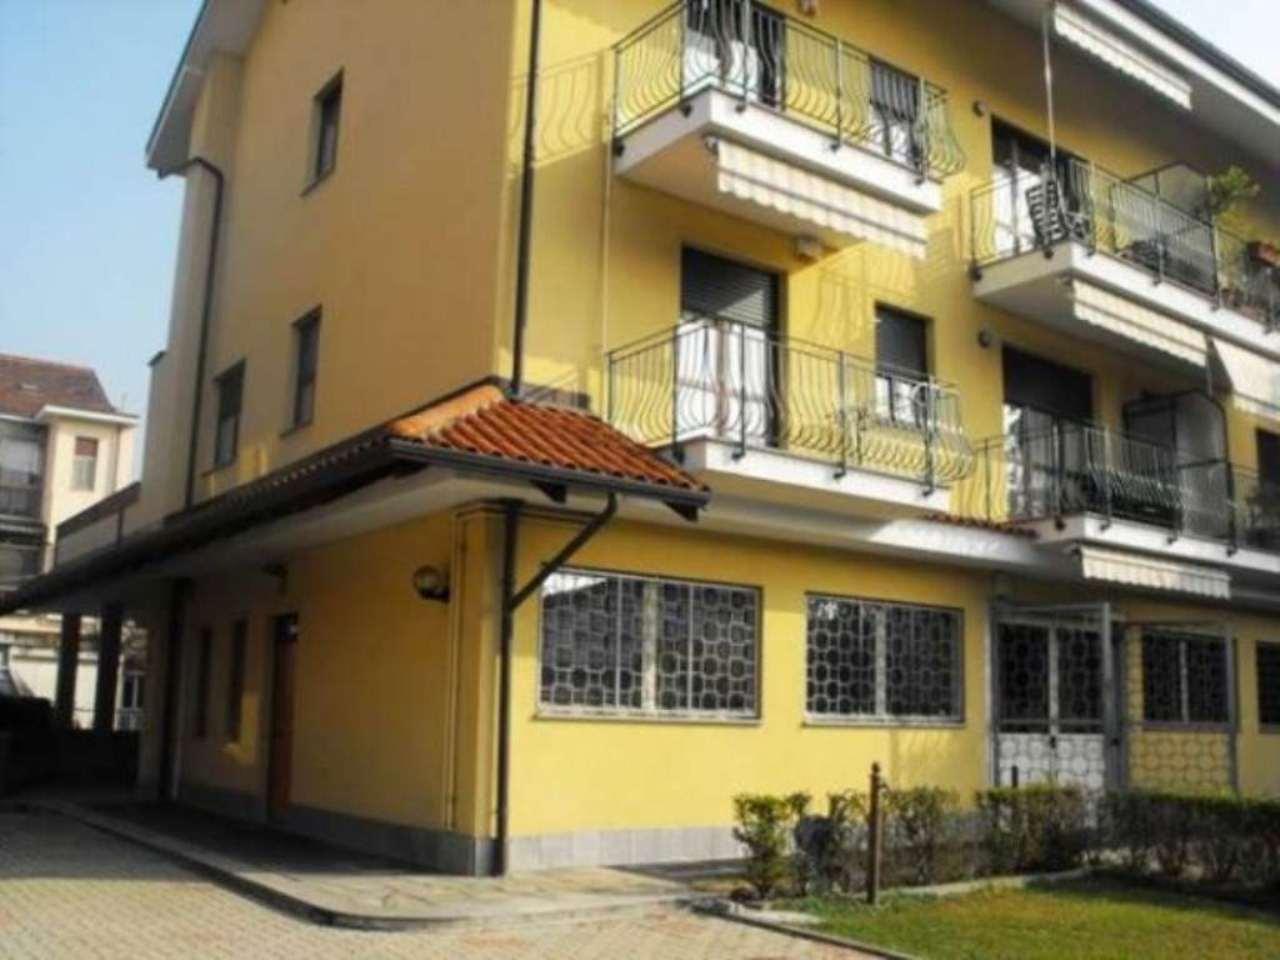 Laboratorio in vendita a Moncalieri, 4 locali, prezzo € 90.000 | CambioCasa.it